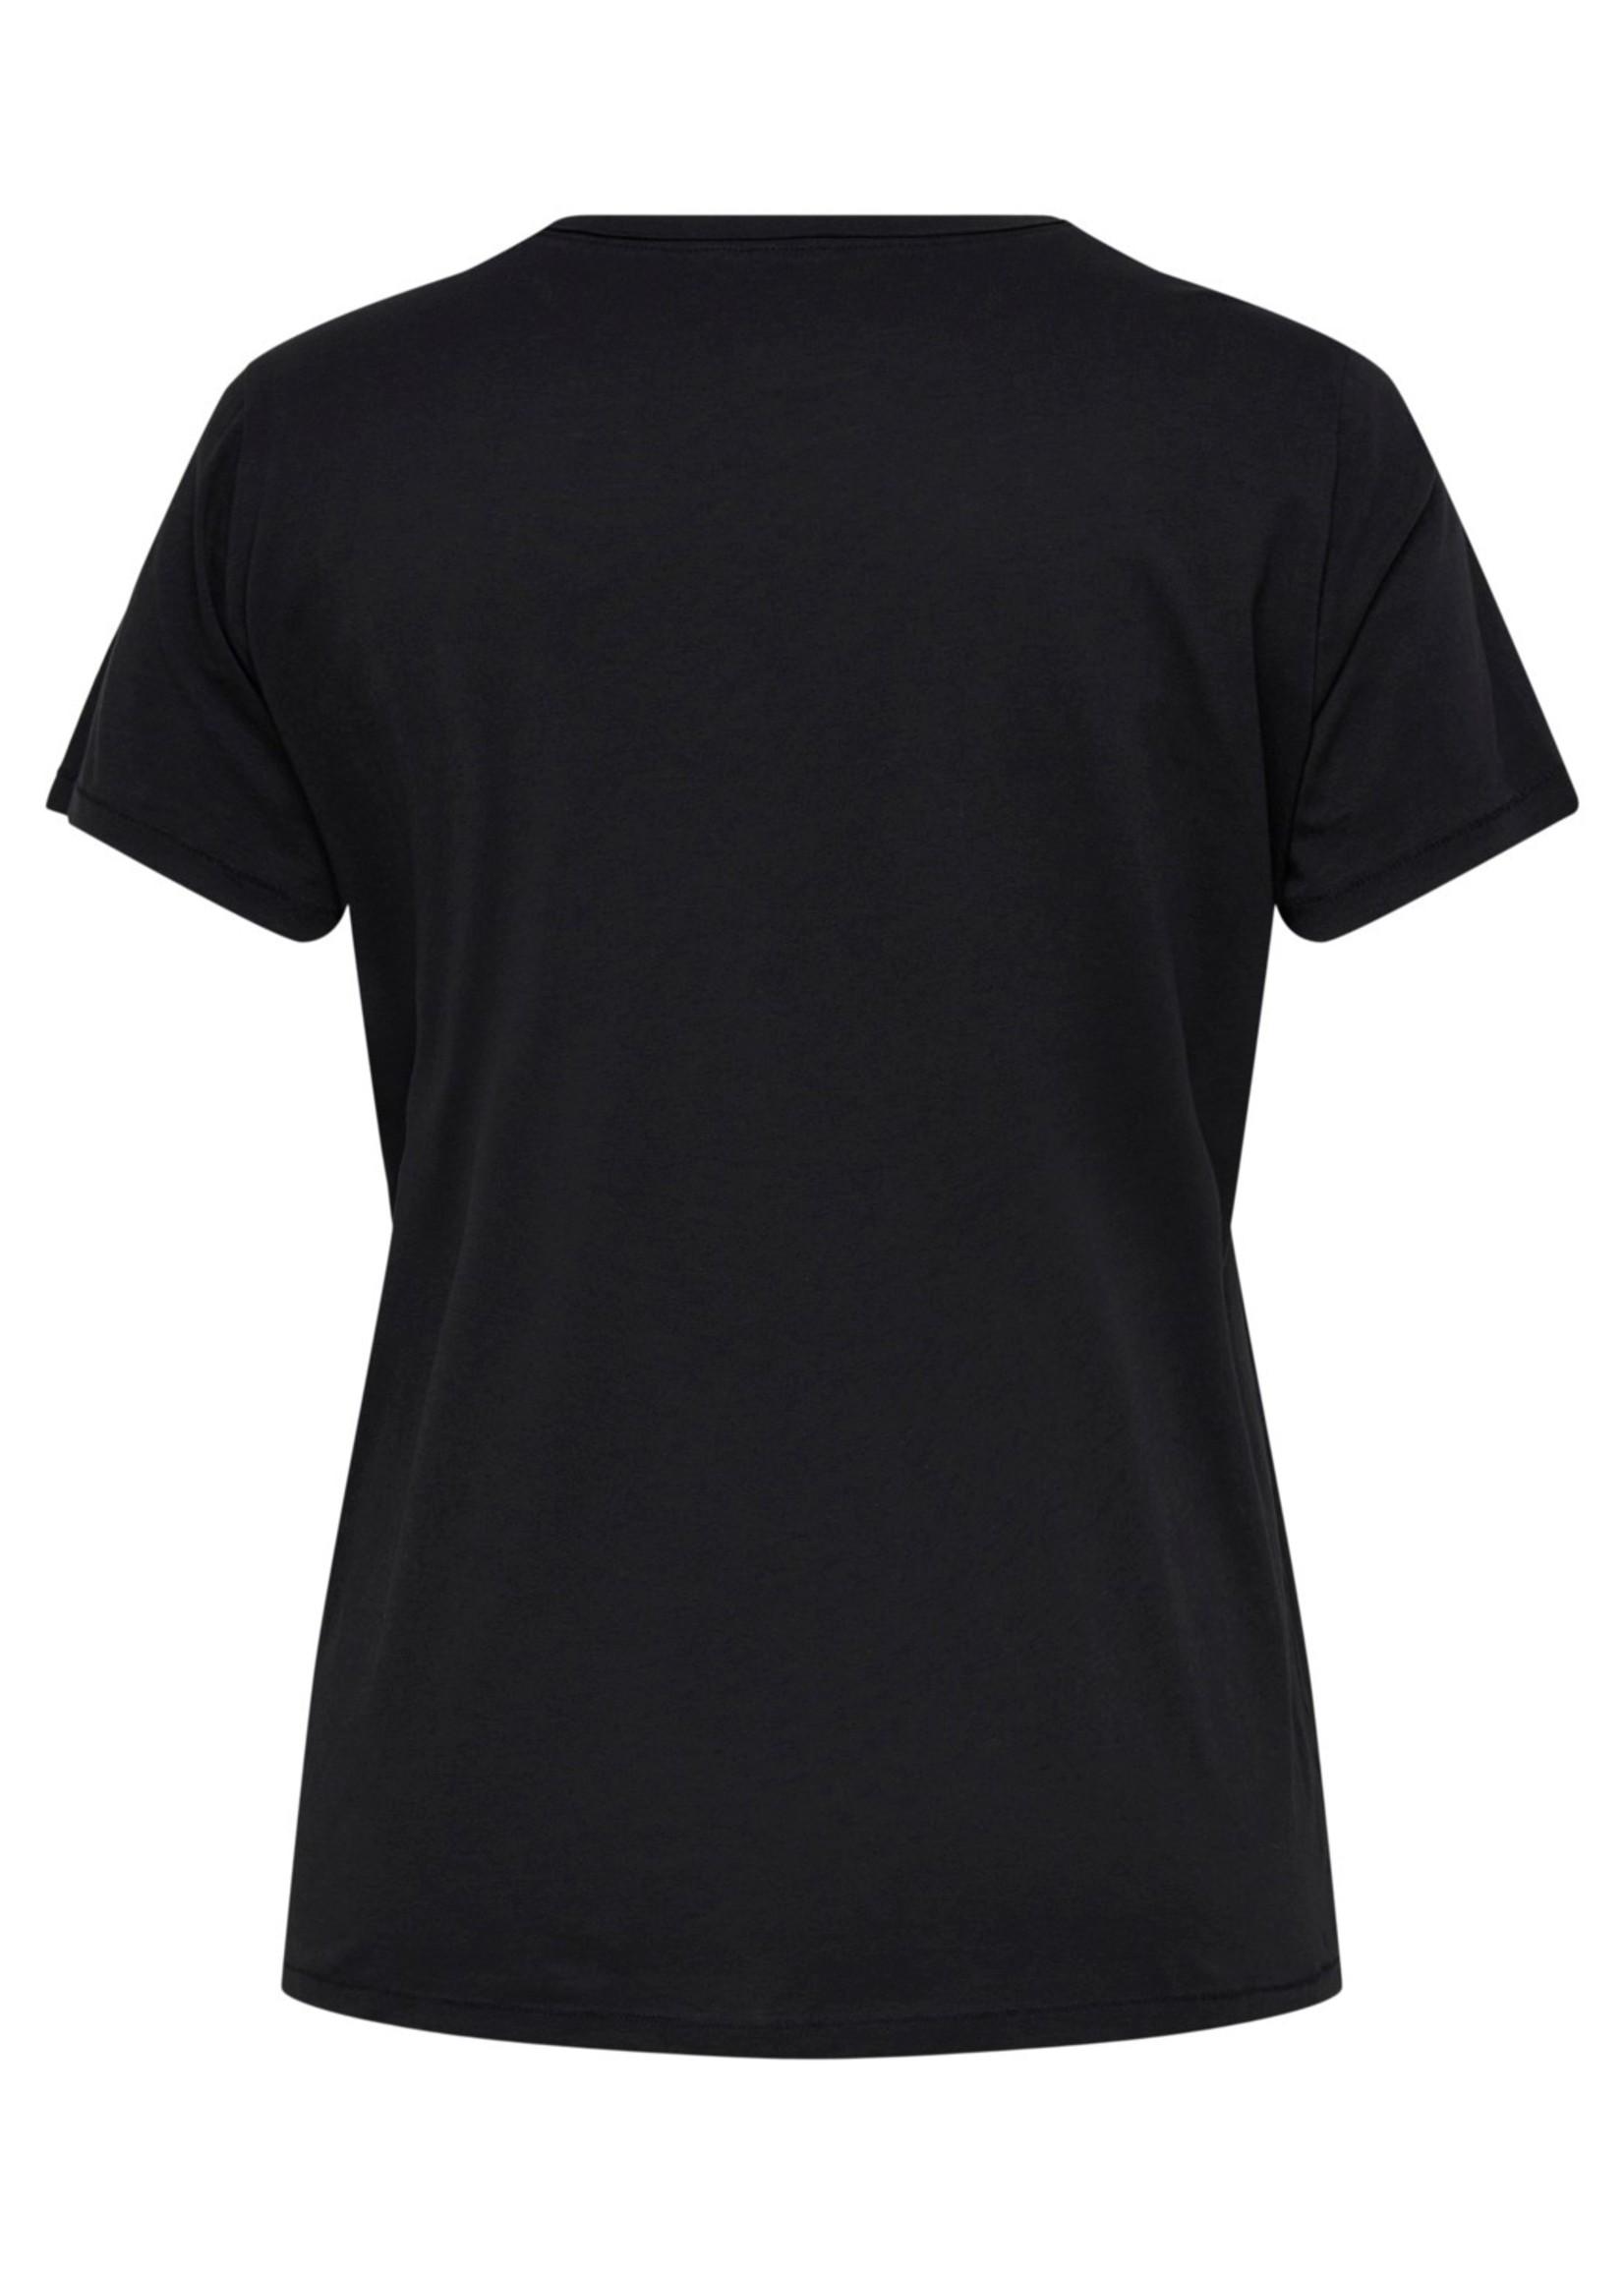 Only Carmakoma Only Carmakoma Vivi T-shirt